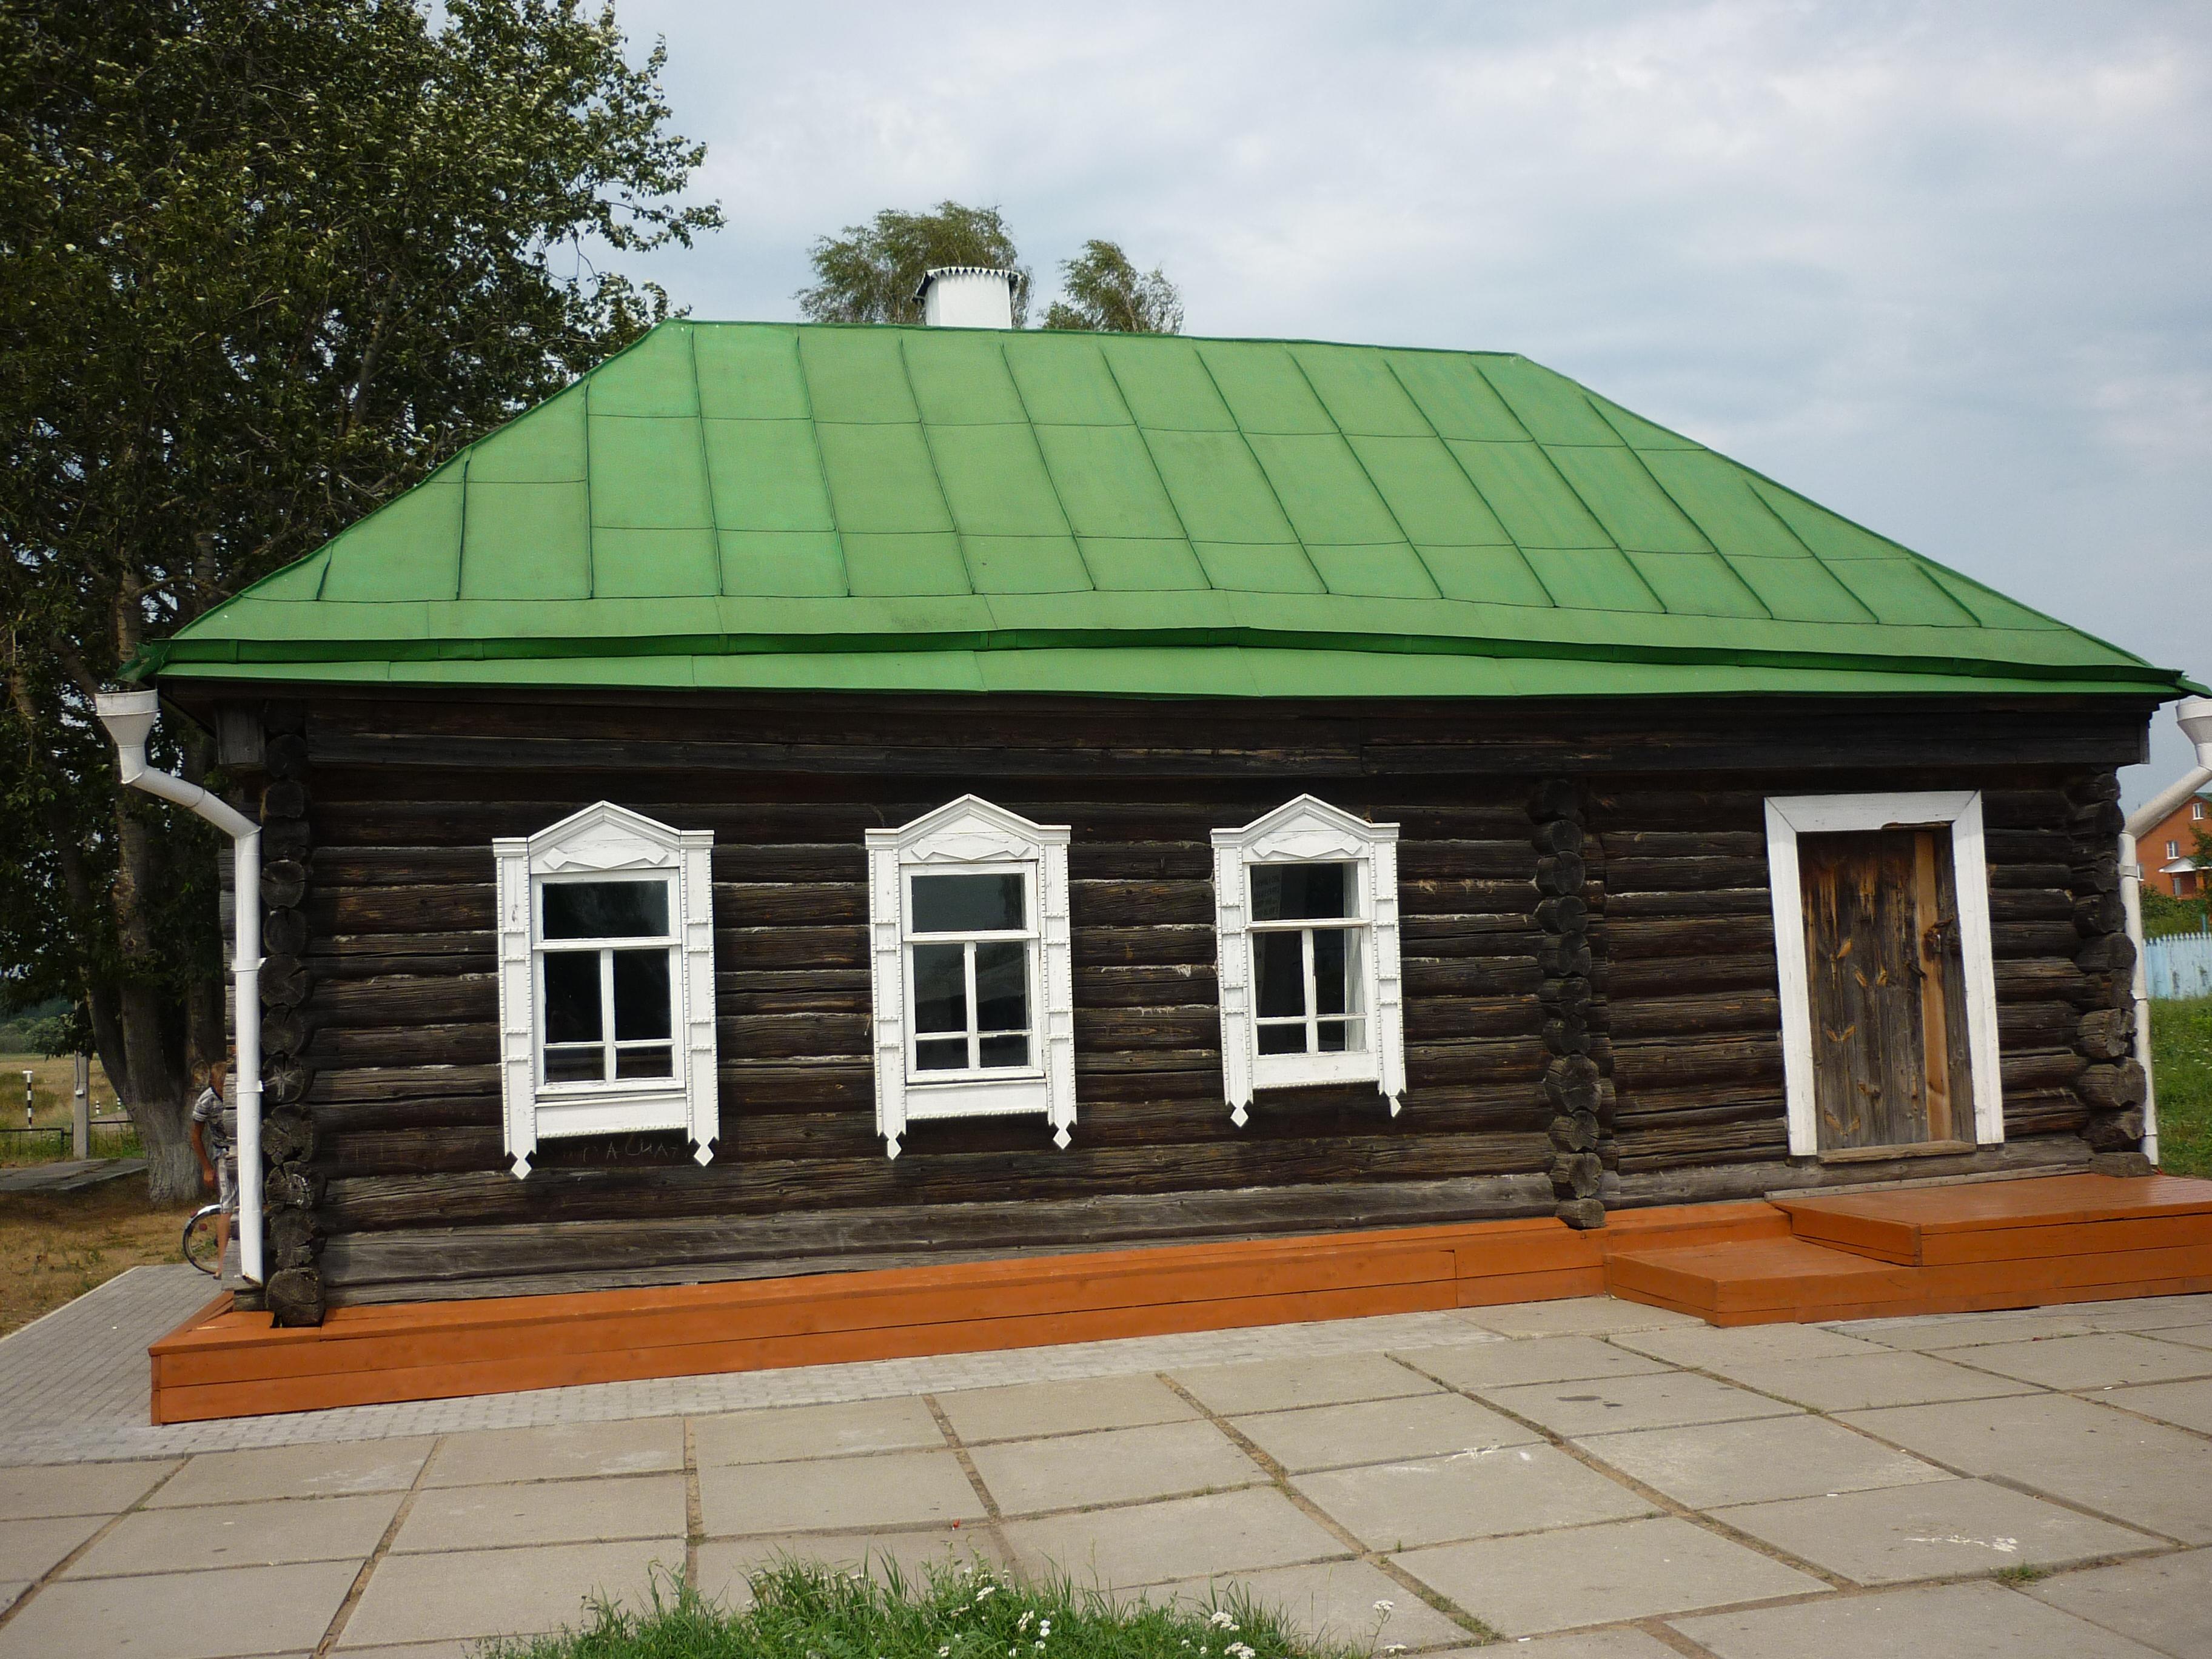 д.Стрелковка.Дом Г.К. Жукова, в котором он родился и прожил первые полтора десятка лет своей жизни